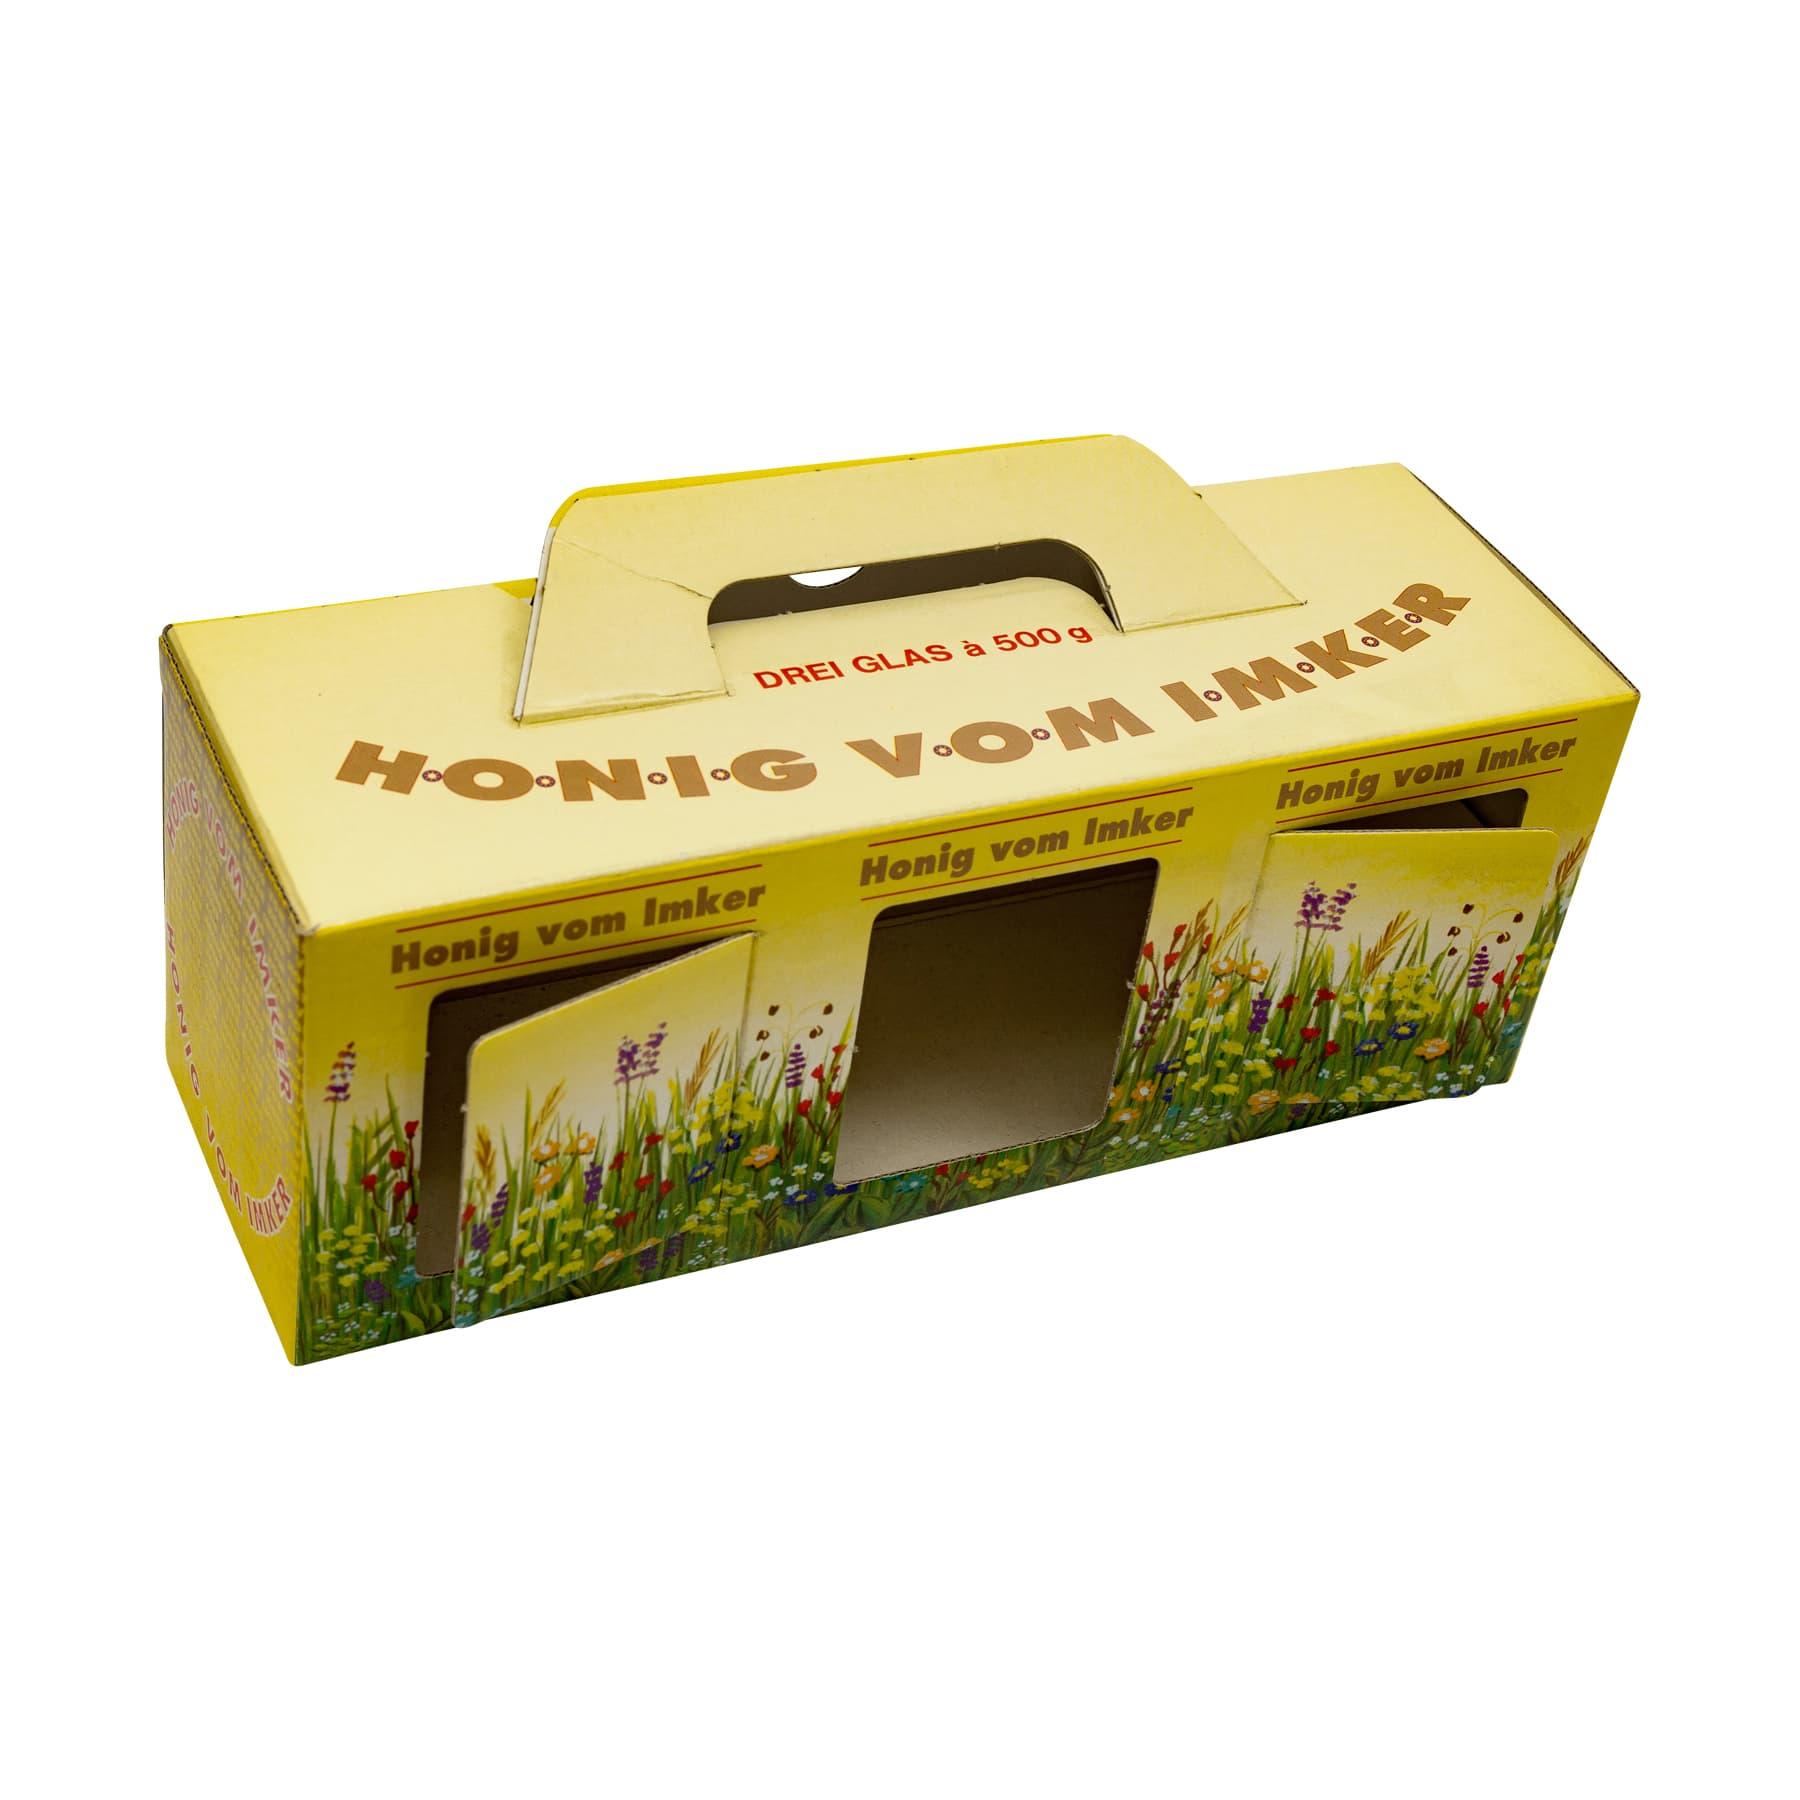 Kartonverpackung Blumenwiese für 3 x 500 g Honigglas